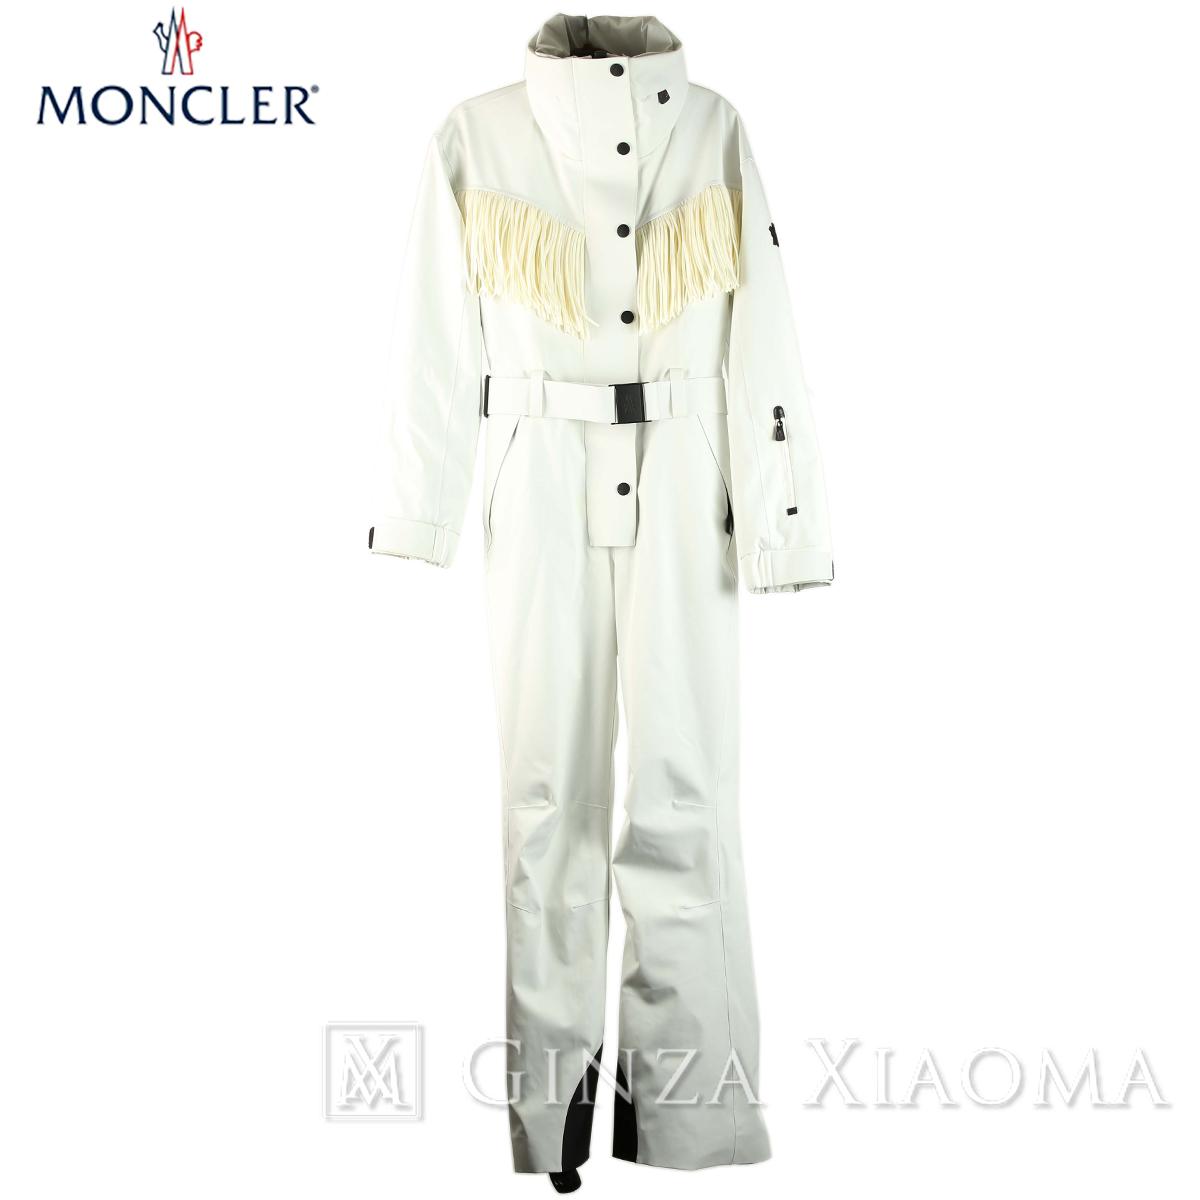 【極美品】Moncler モンクレール グルノーブル フリンジ スノーウェア ホワイト サイズXS 中古